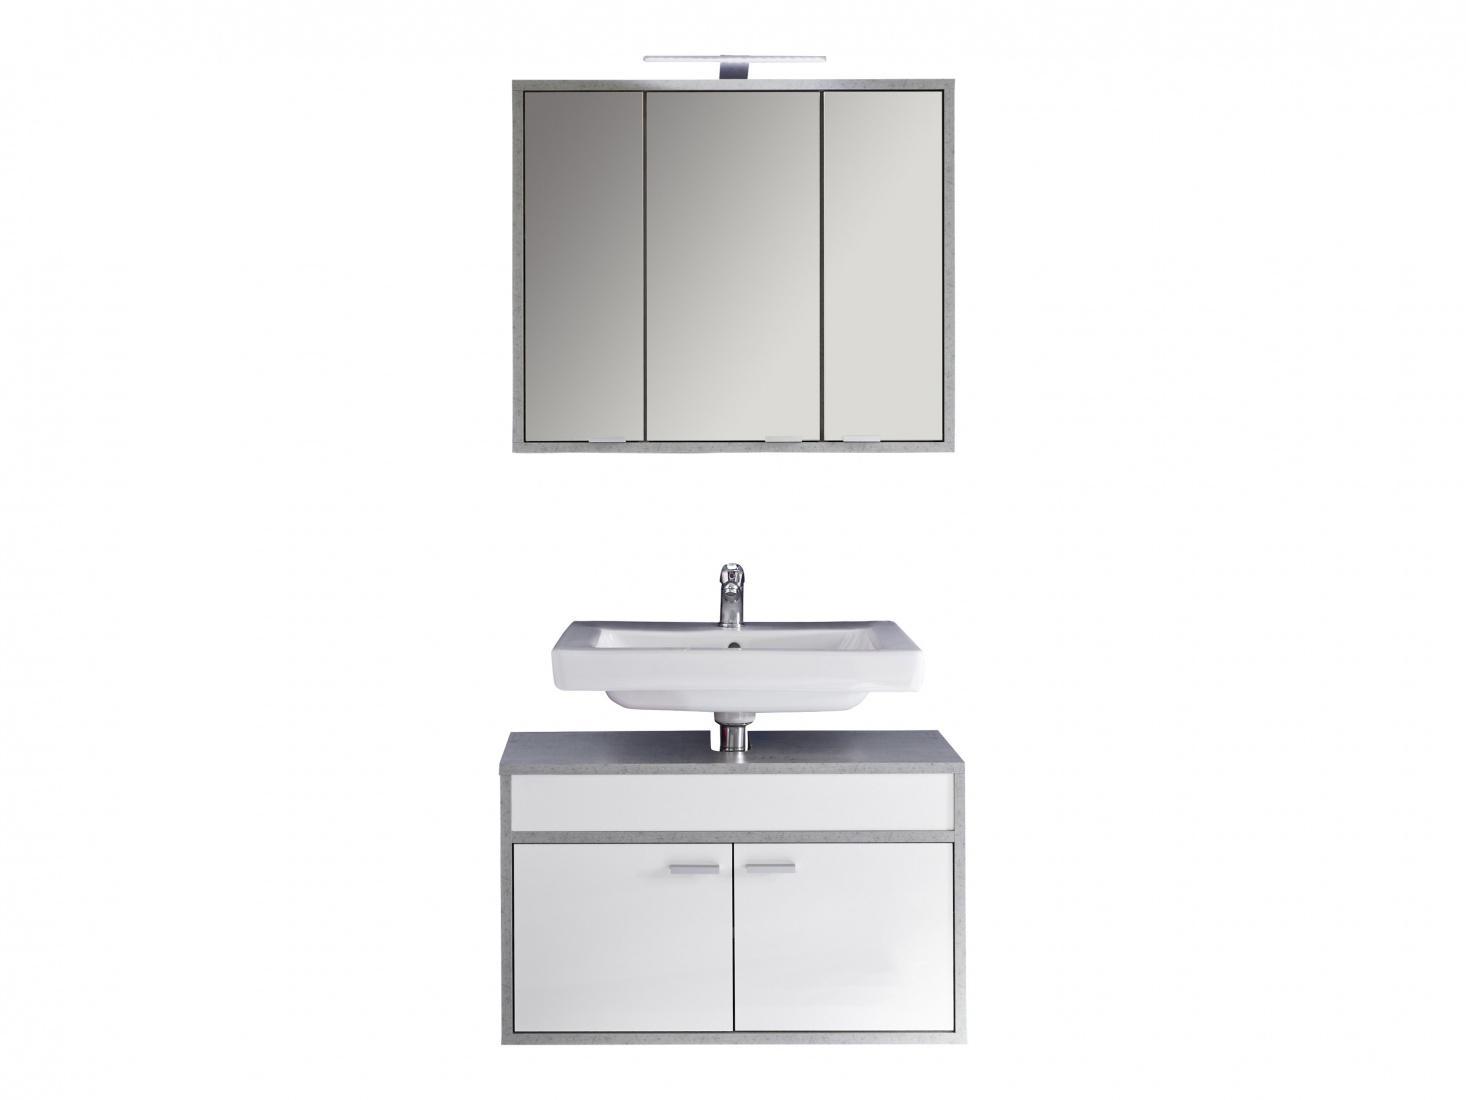 Liebenswert Spiegelschrank 3 Türig Sammlung Von Gulia 3-türig In Weiß-beton 1